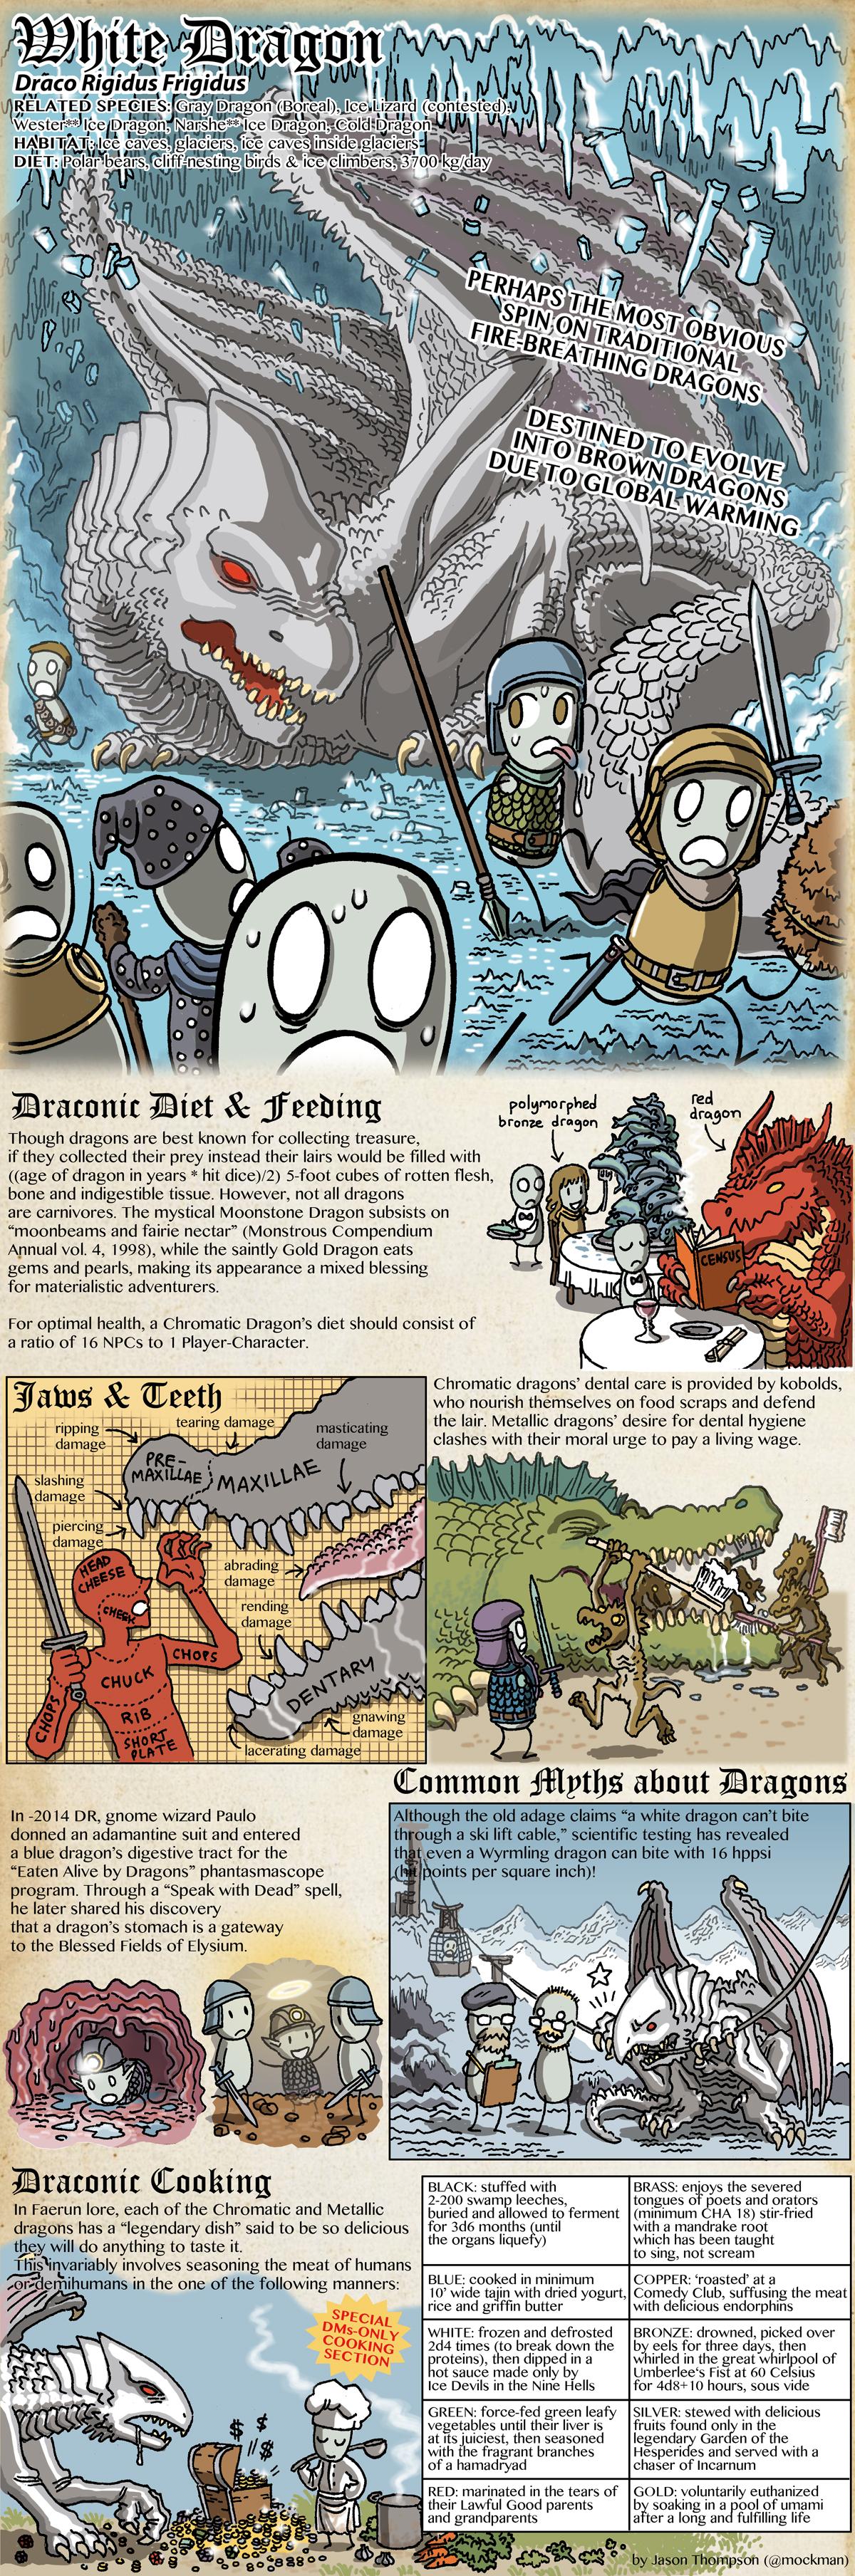 White Dragon | Dungeons & Dragons